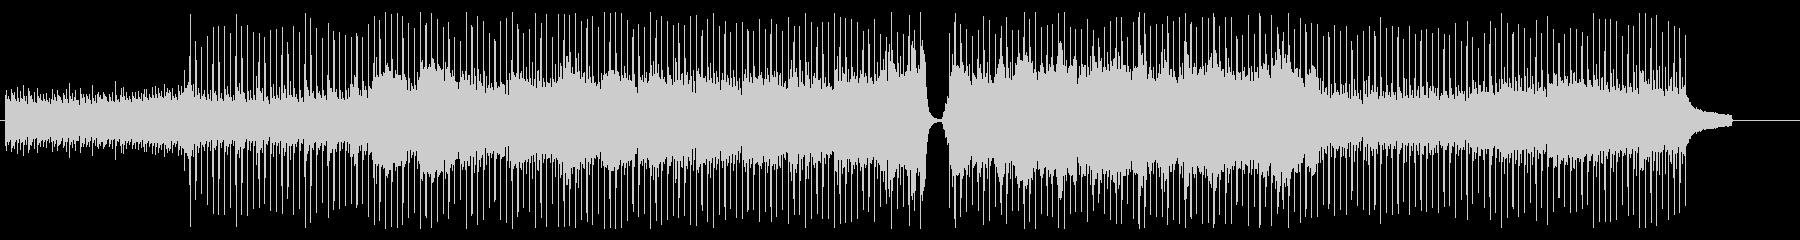 爽やかなピアノ・バイオリン・ポップの未再生の波形